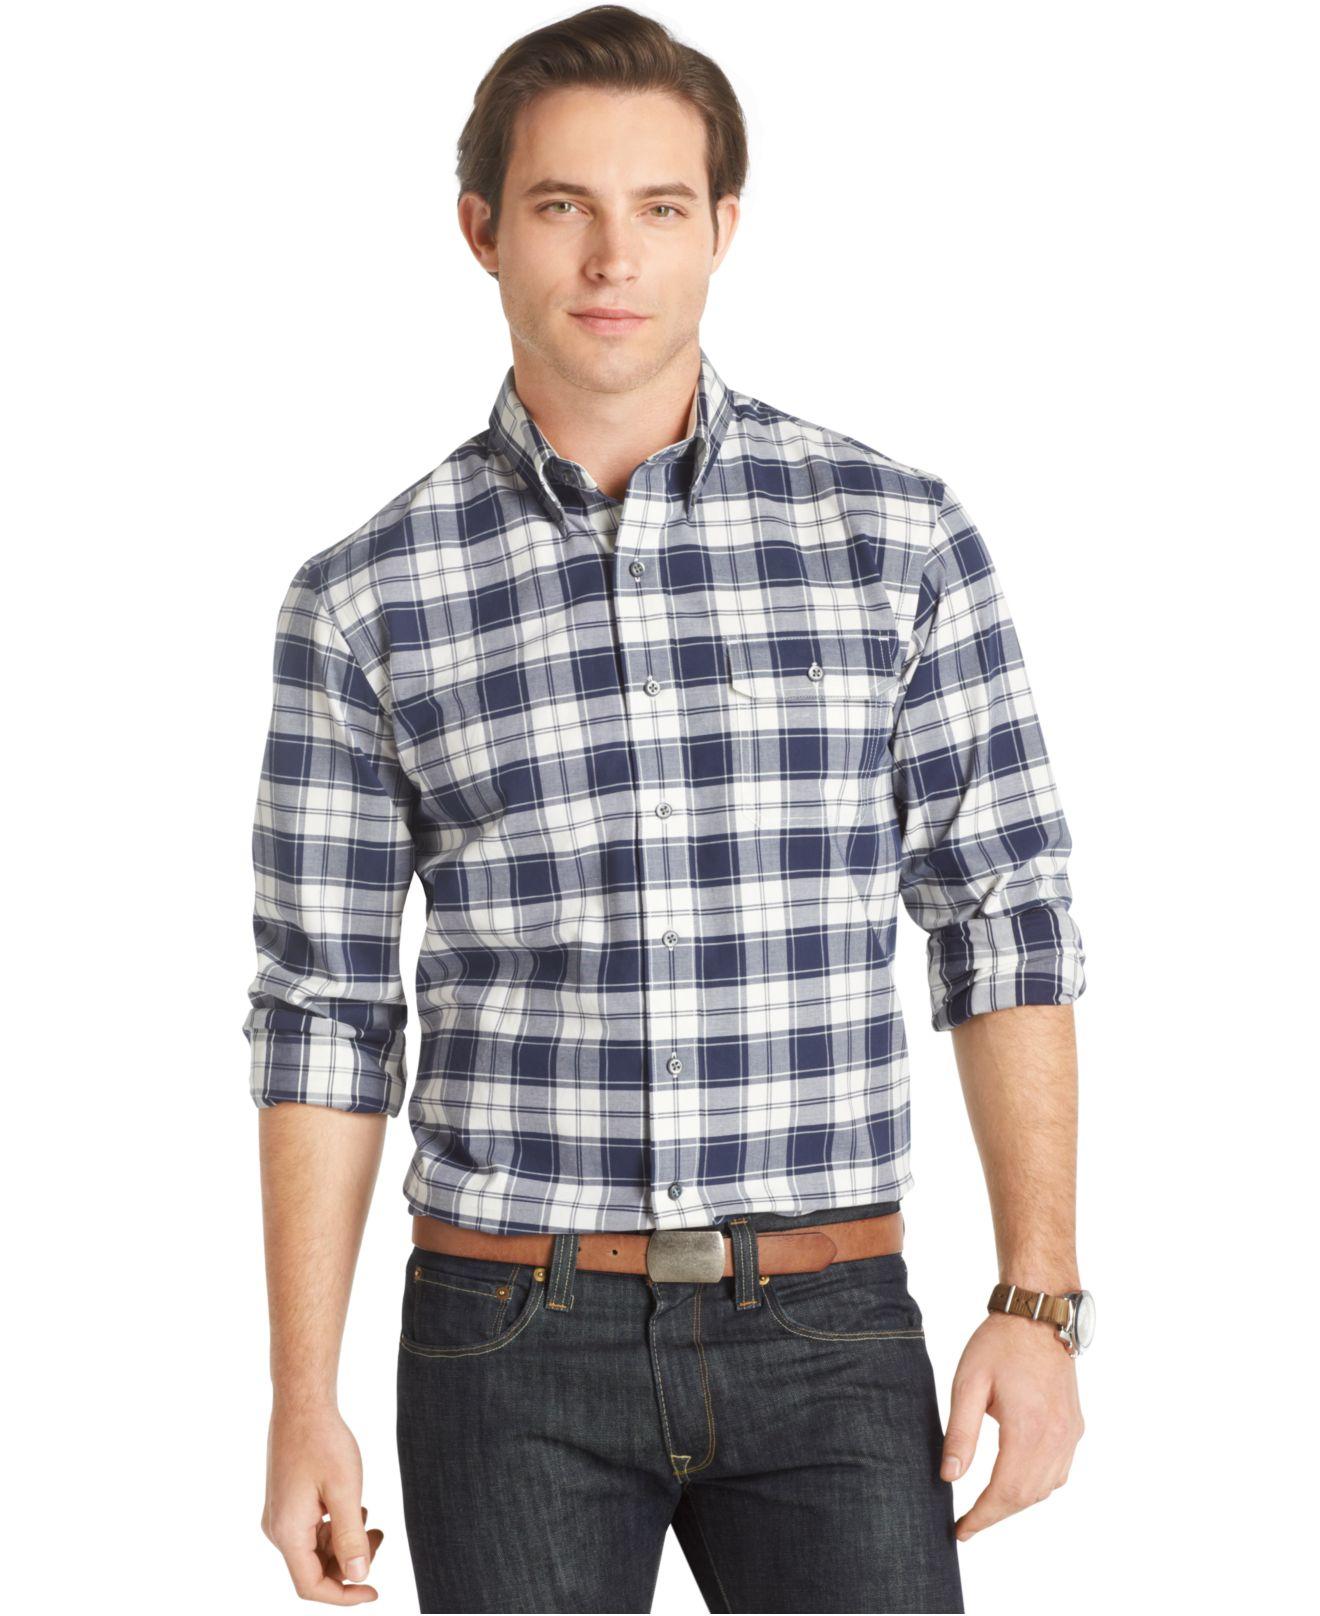 Izod big and tall stratton plaid twill shirt in blue for for Izod big and tall shirts